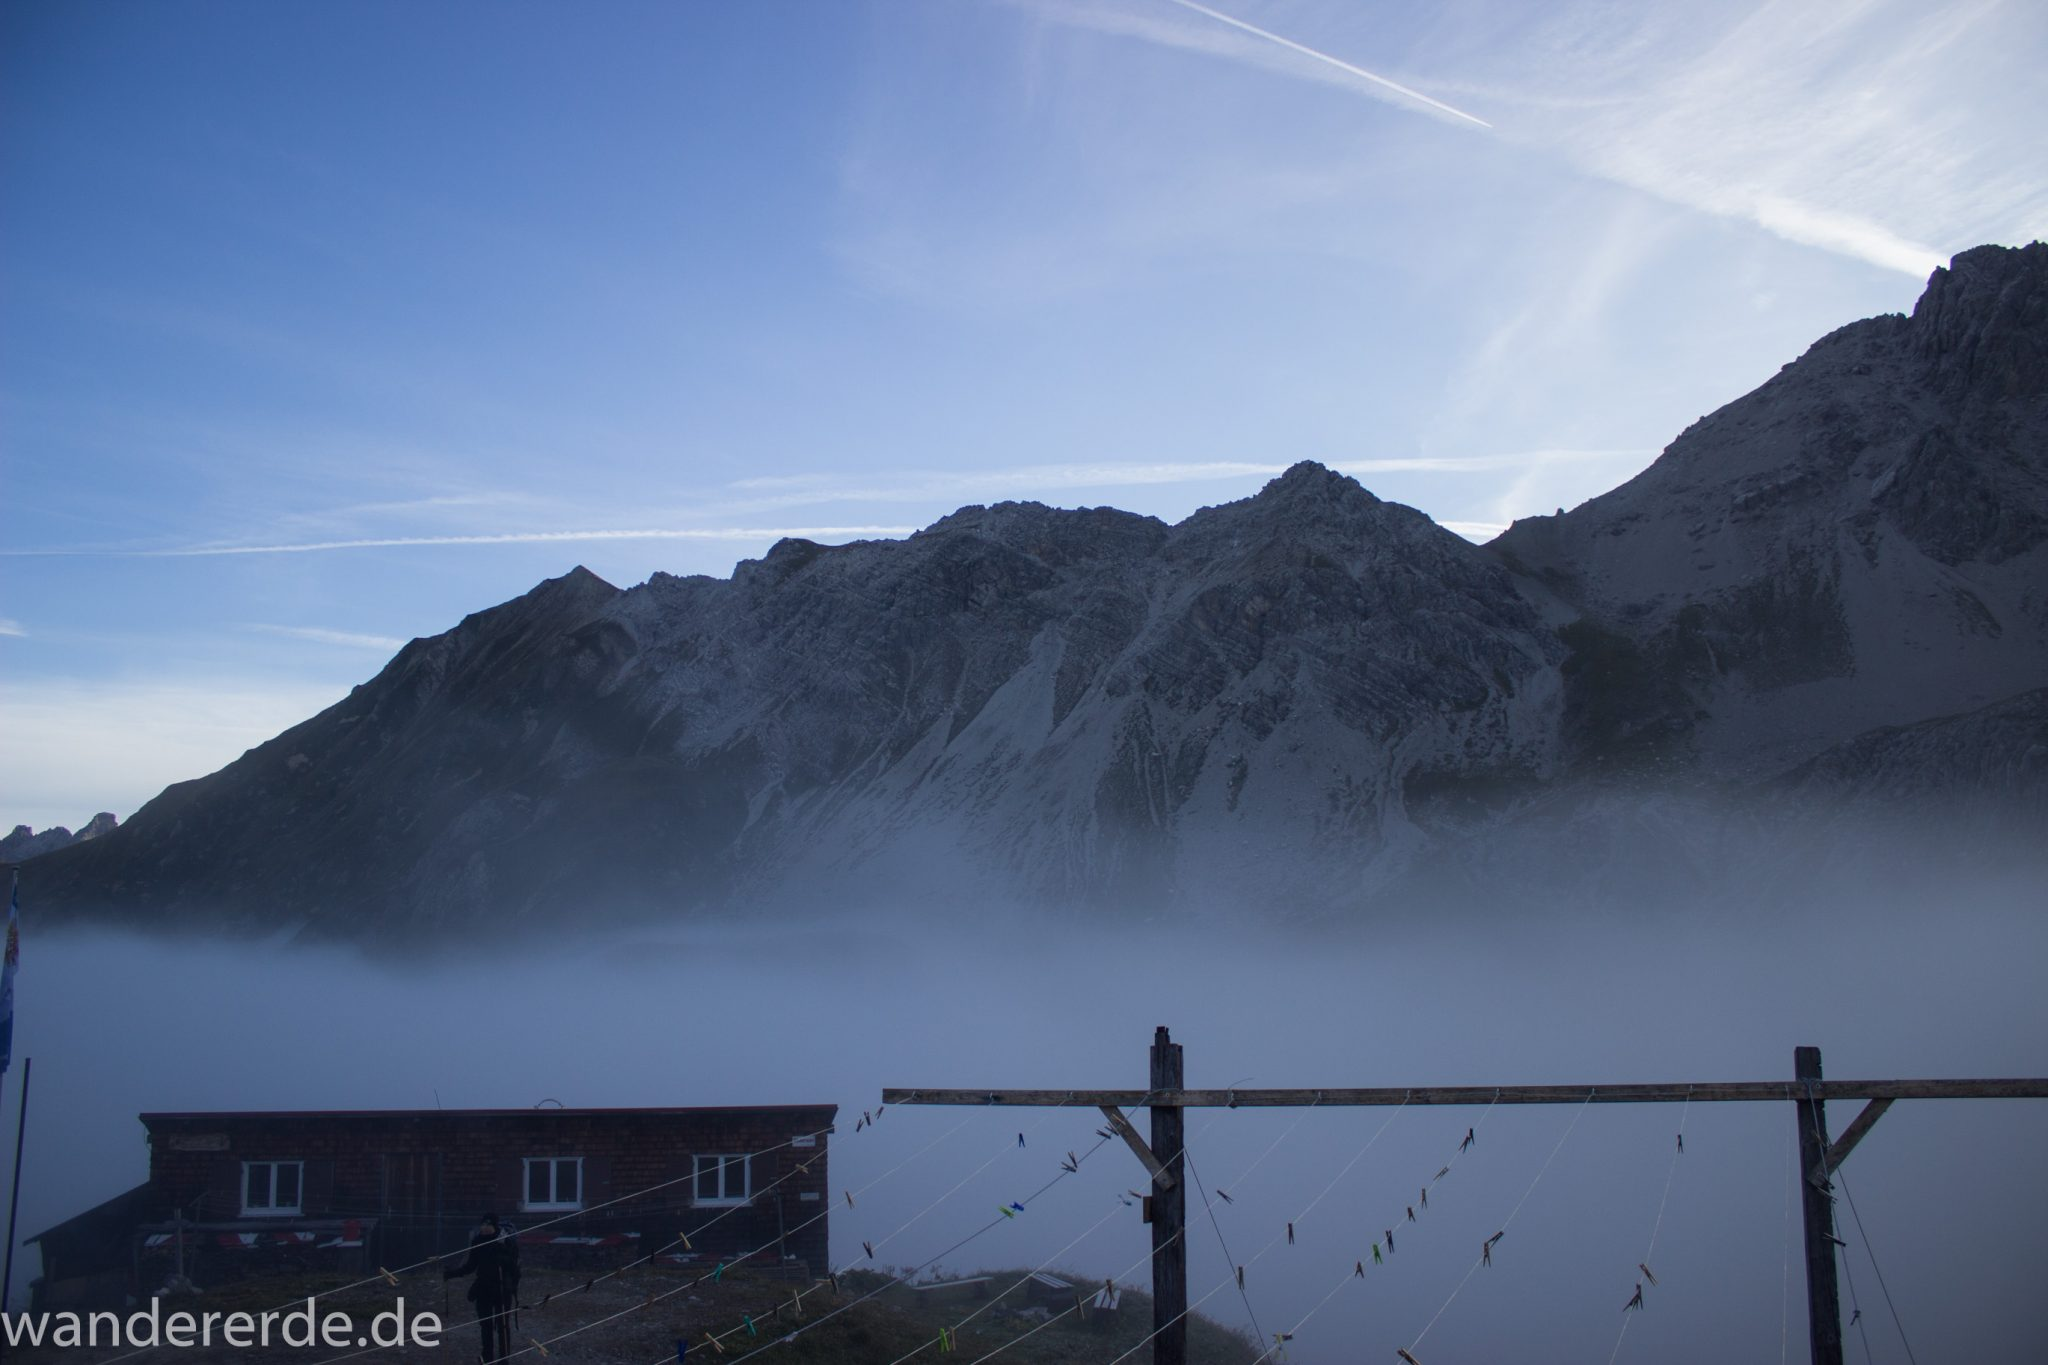 Alpenüberquerung Fernwanderweg E5 Oberstdorf Meran, 3. Etappe von Memminger Hütte zur Skihütte Zams, Berge sind am frühen Morgen noch in Nebel getaucht, aber die Sonne scheint, herrliches Wetter zum Wandern, Blick auf Nebengebäude der Memmimger Hütte, Wanderer steht davor